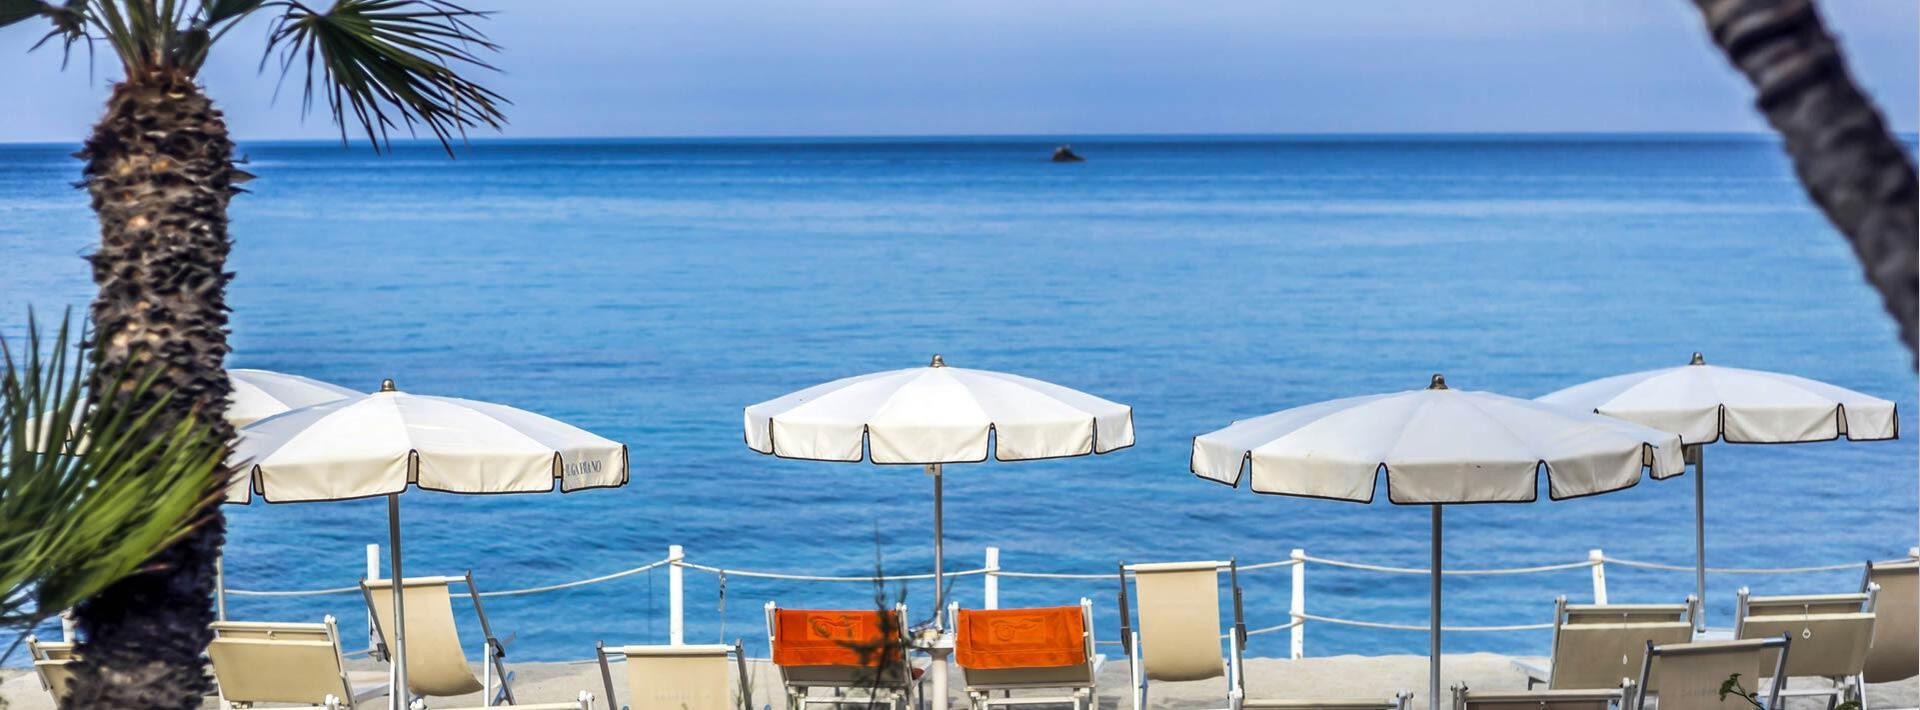 villaggioilgabbiano it vacanze-mare-calabria 010